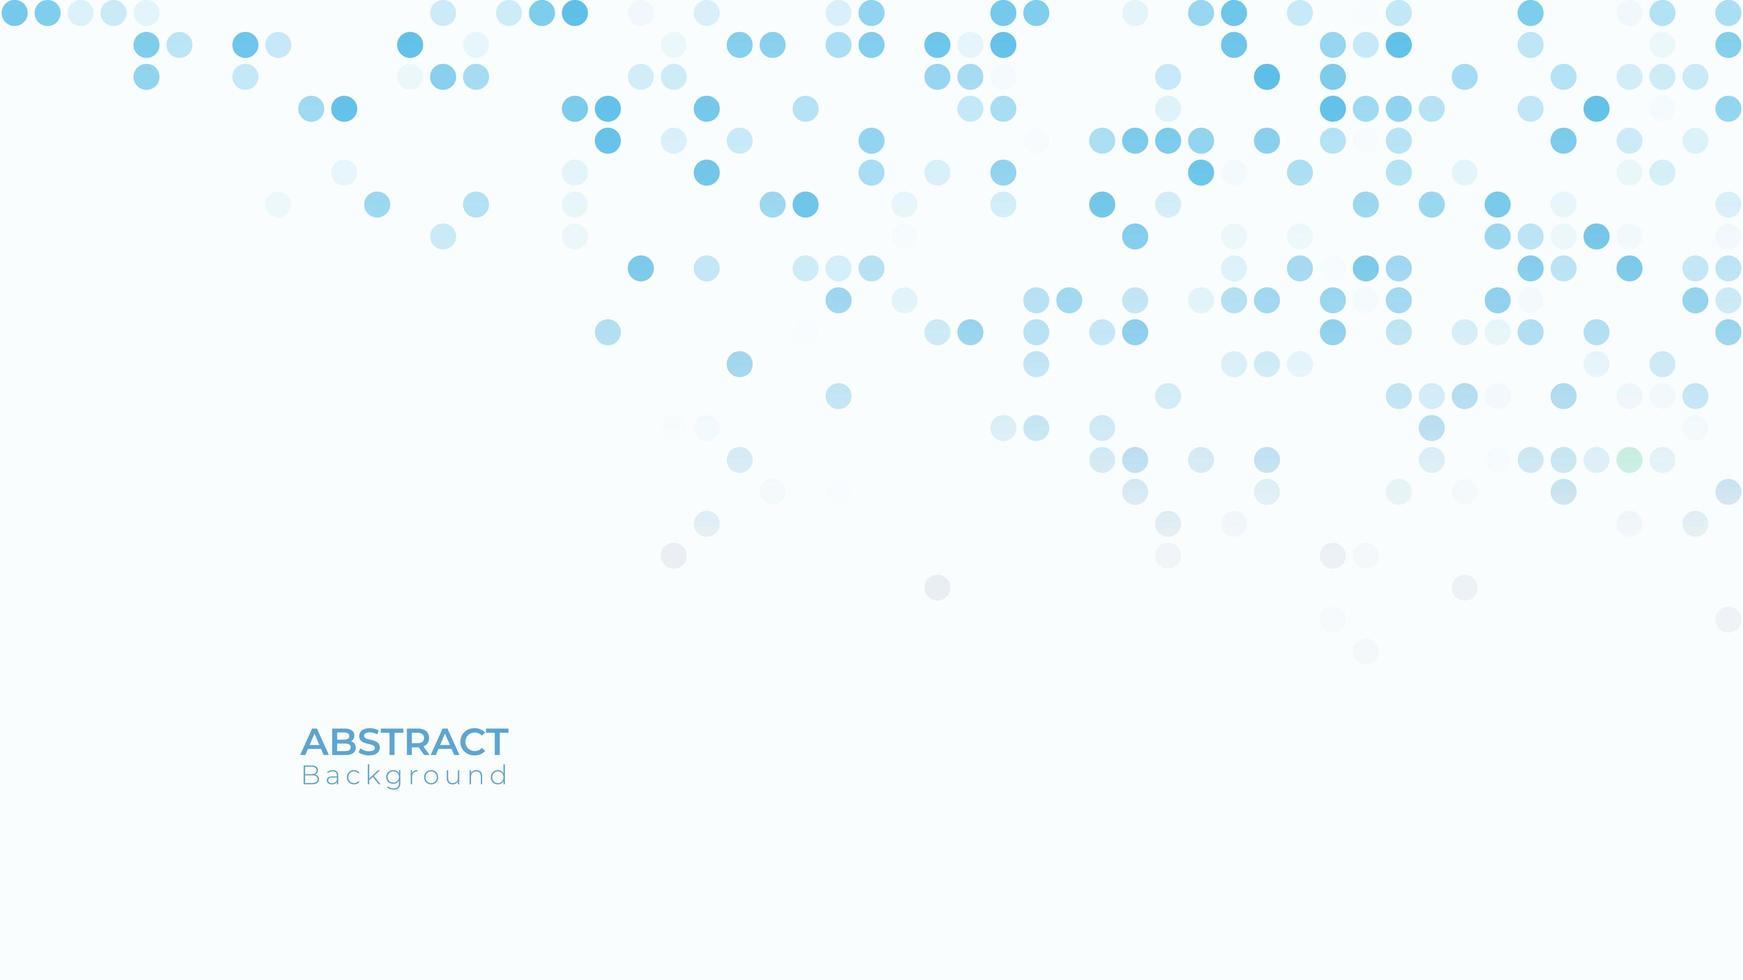 blaue und weiße dynamische Halbton gepunktete Textur vektor